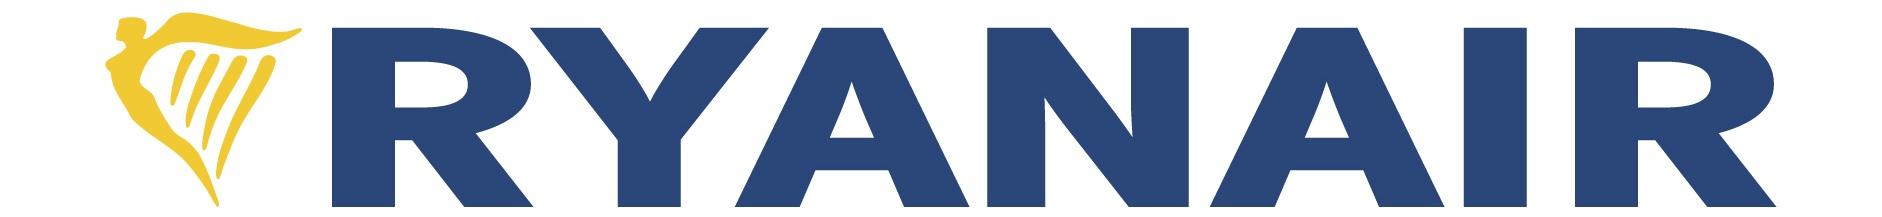 Screen+logo.jpg